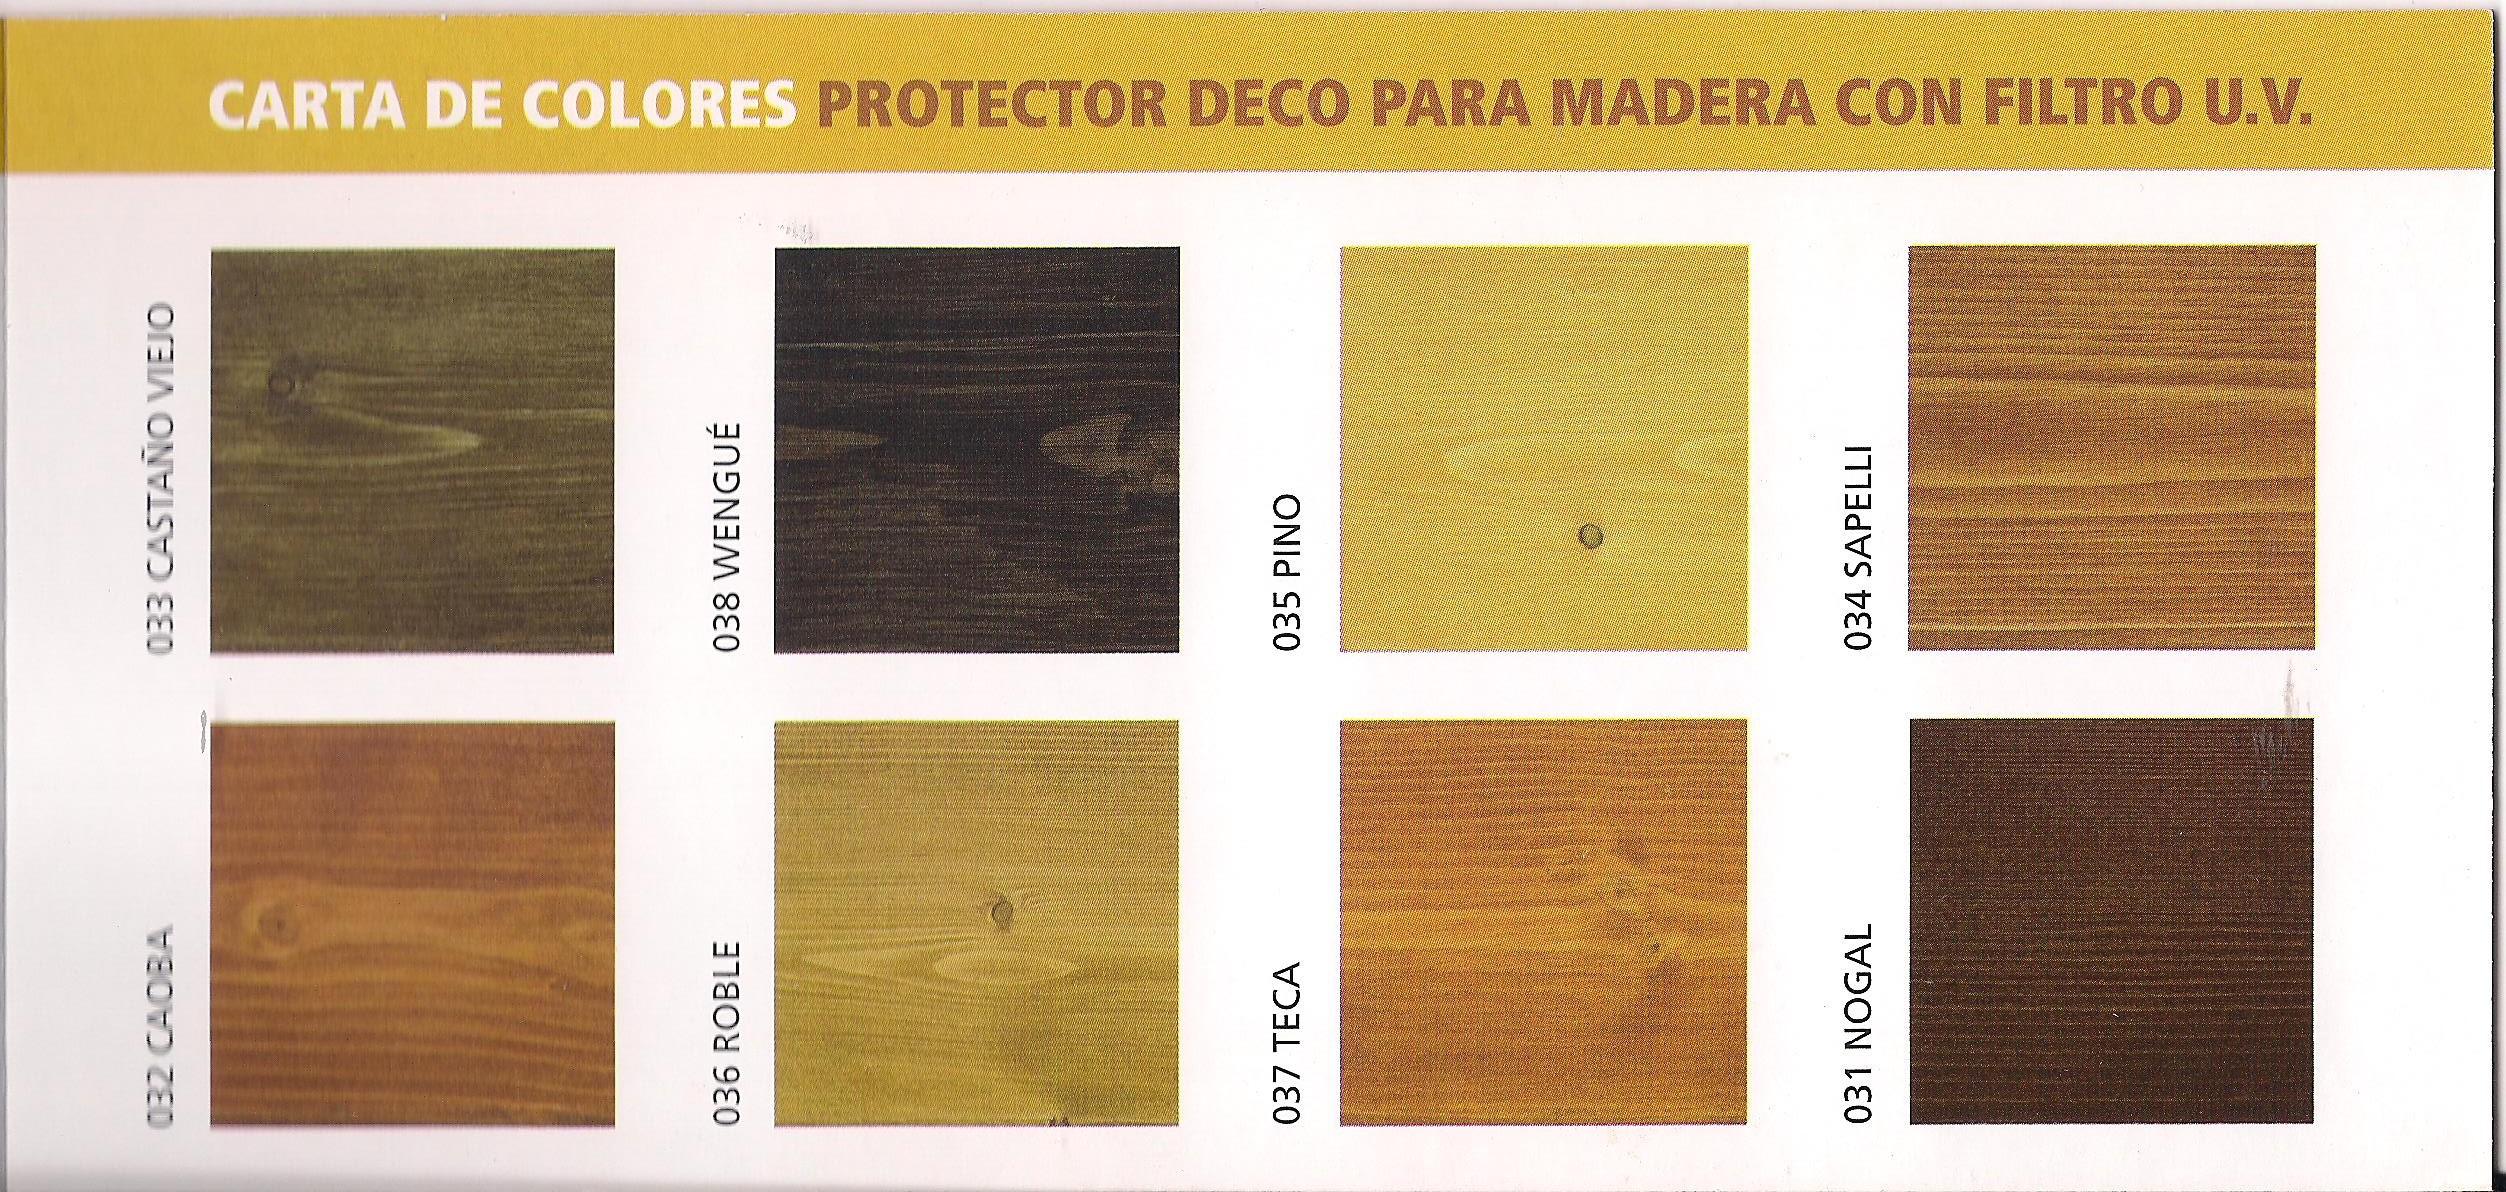 Carta de colores del protector decorativo pinturas blog - Barniz para madera colores ...